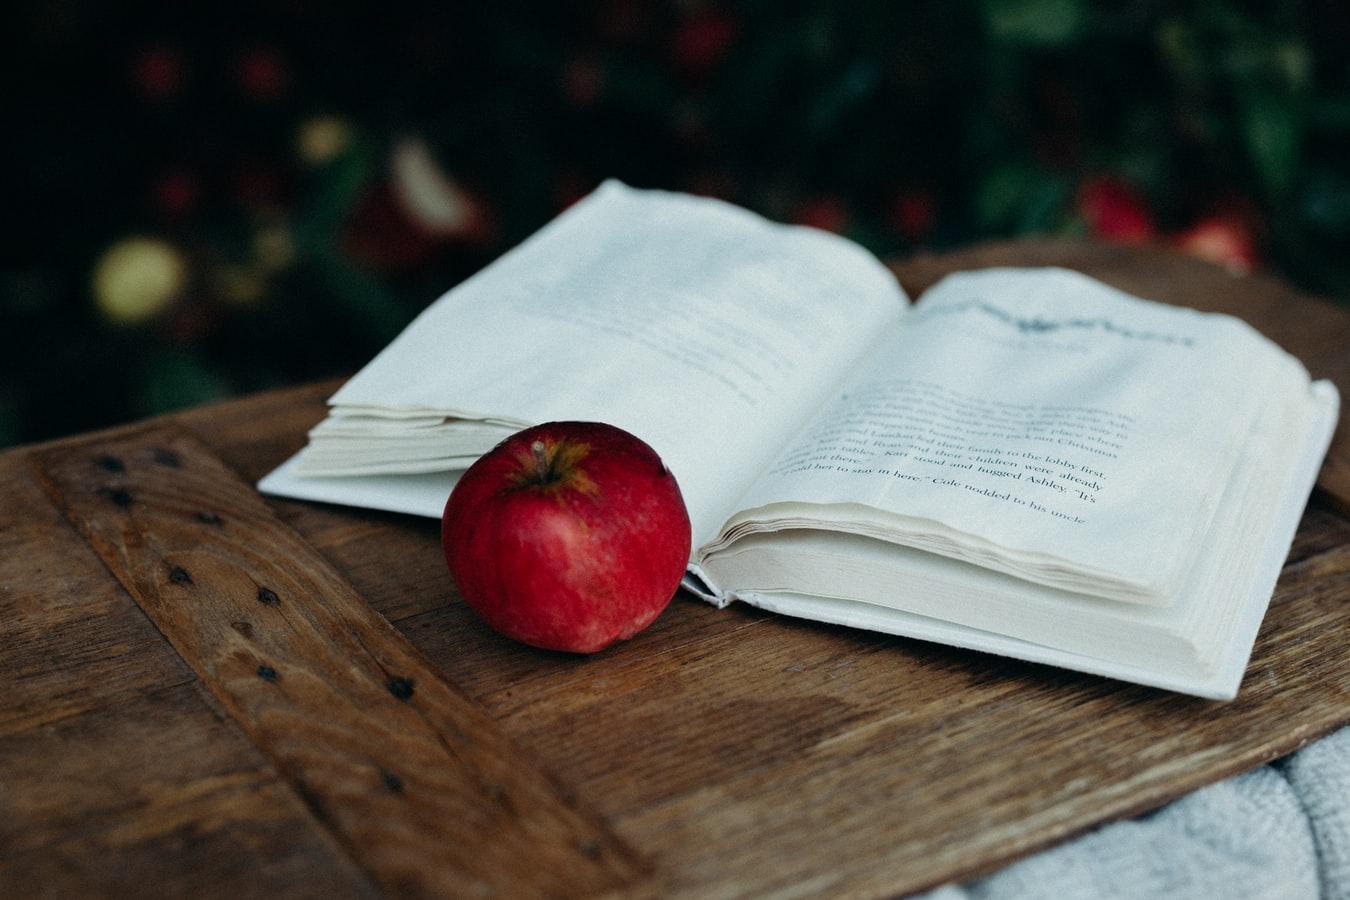 Ο ρόλος των παραμυθιών στις ψυχές των παιδιών